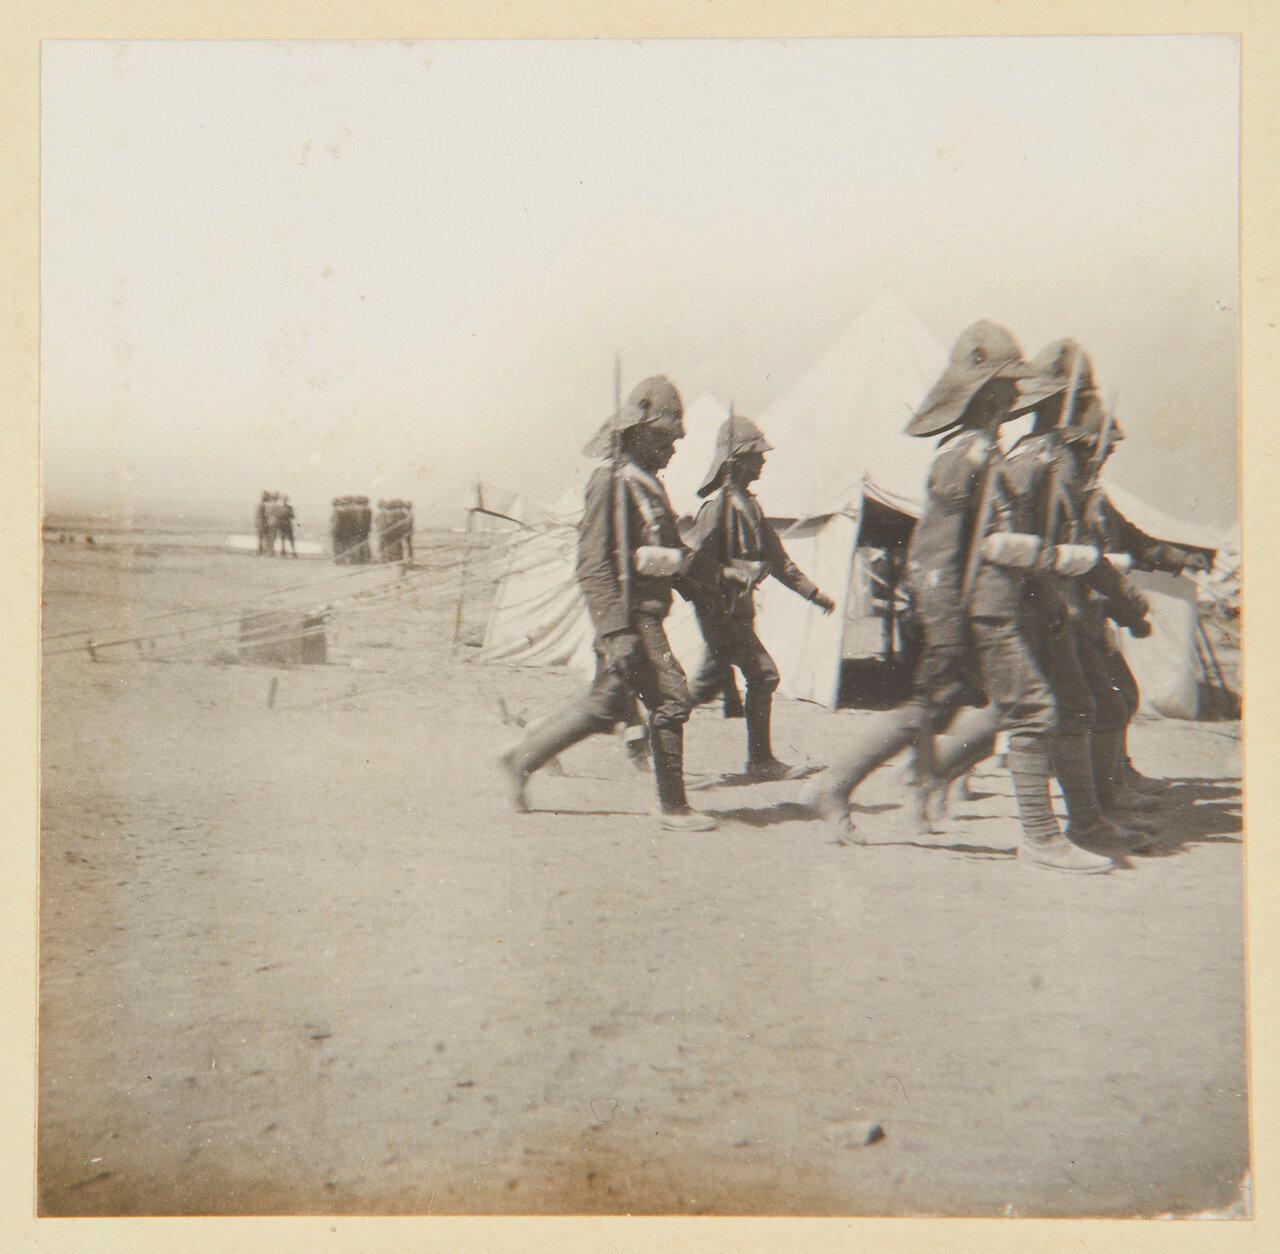 Гренадеры в Сиди Габер возле Александрии. Смена часовых